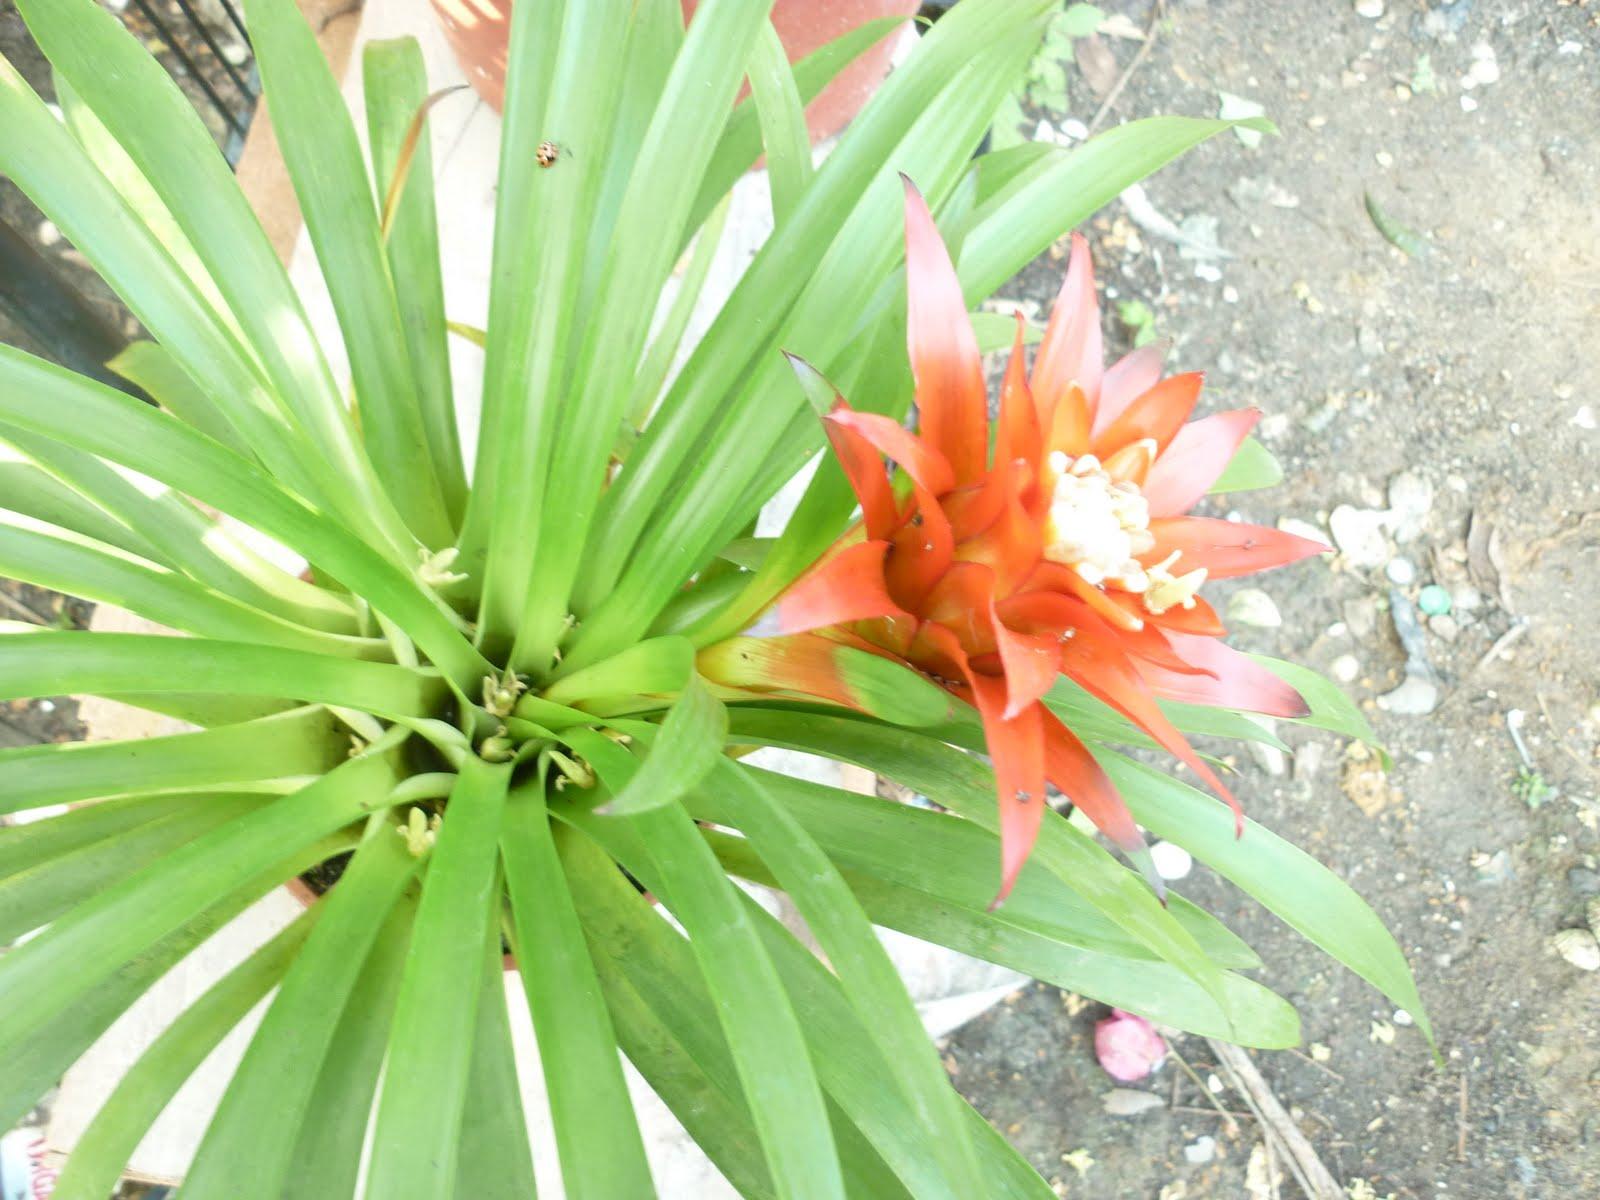 19 Terbaru Bunga Nanas Gambar Bunga